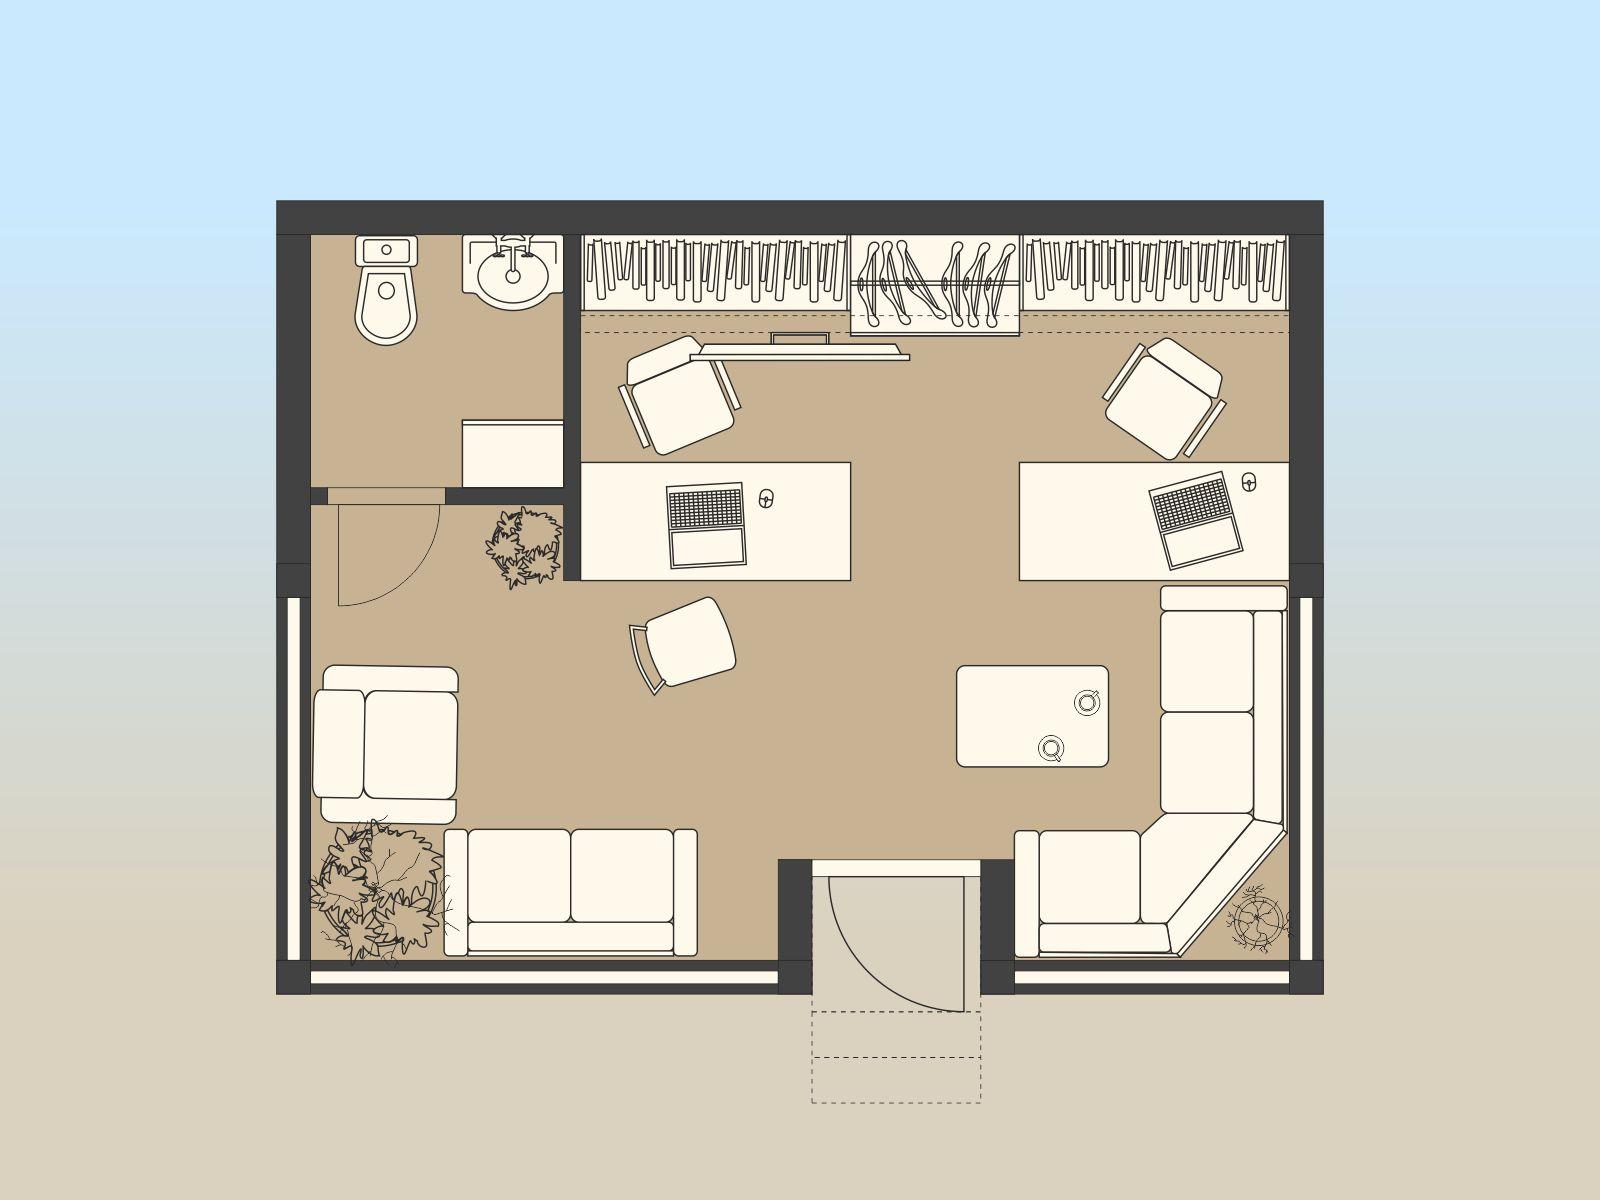 планировка маленького офиса